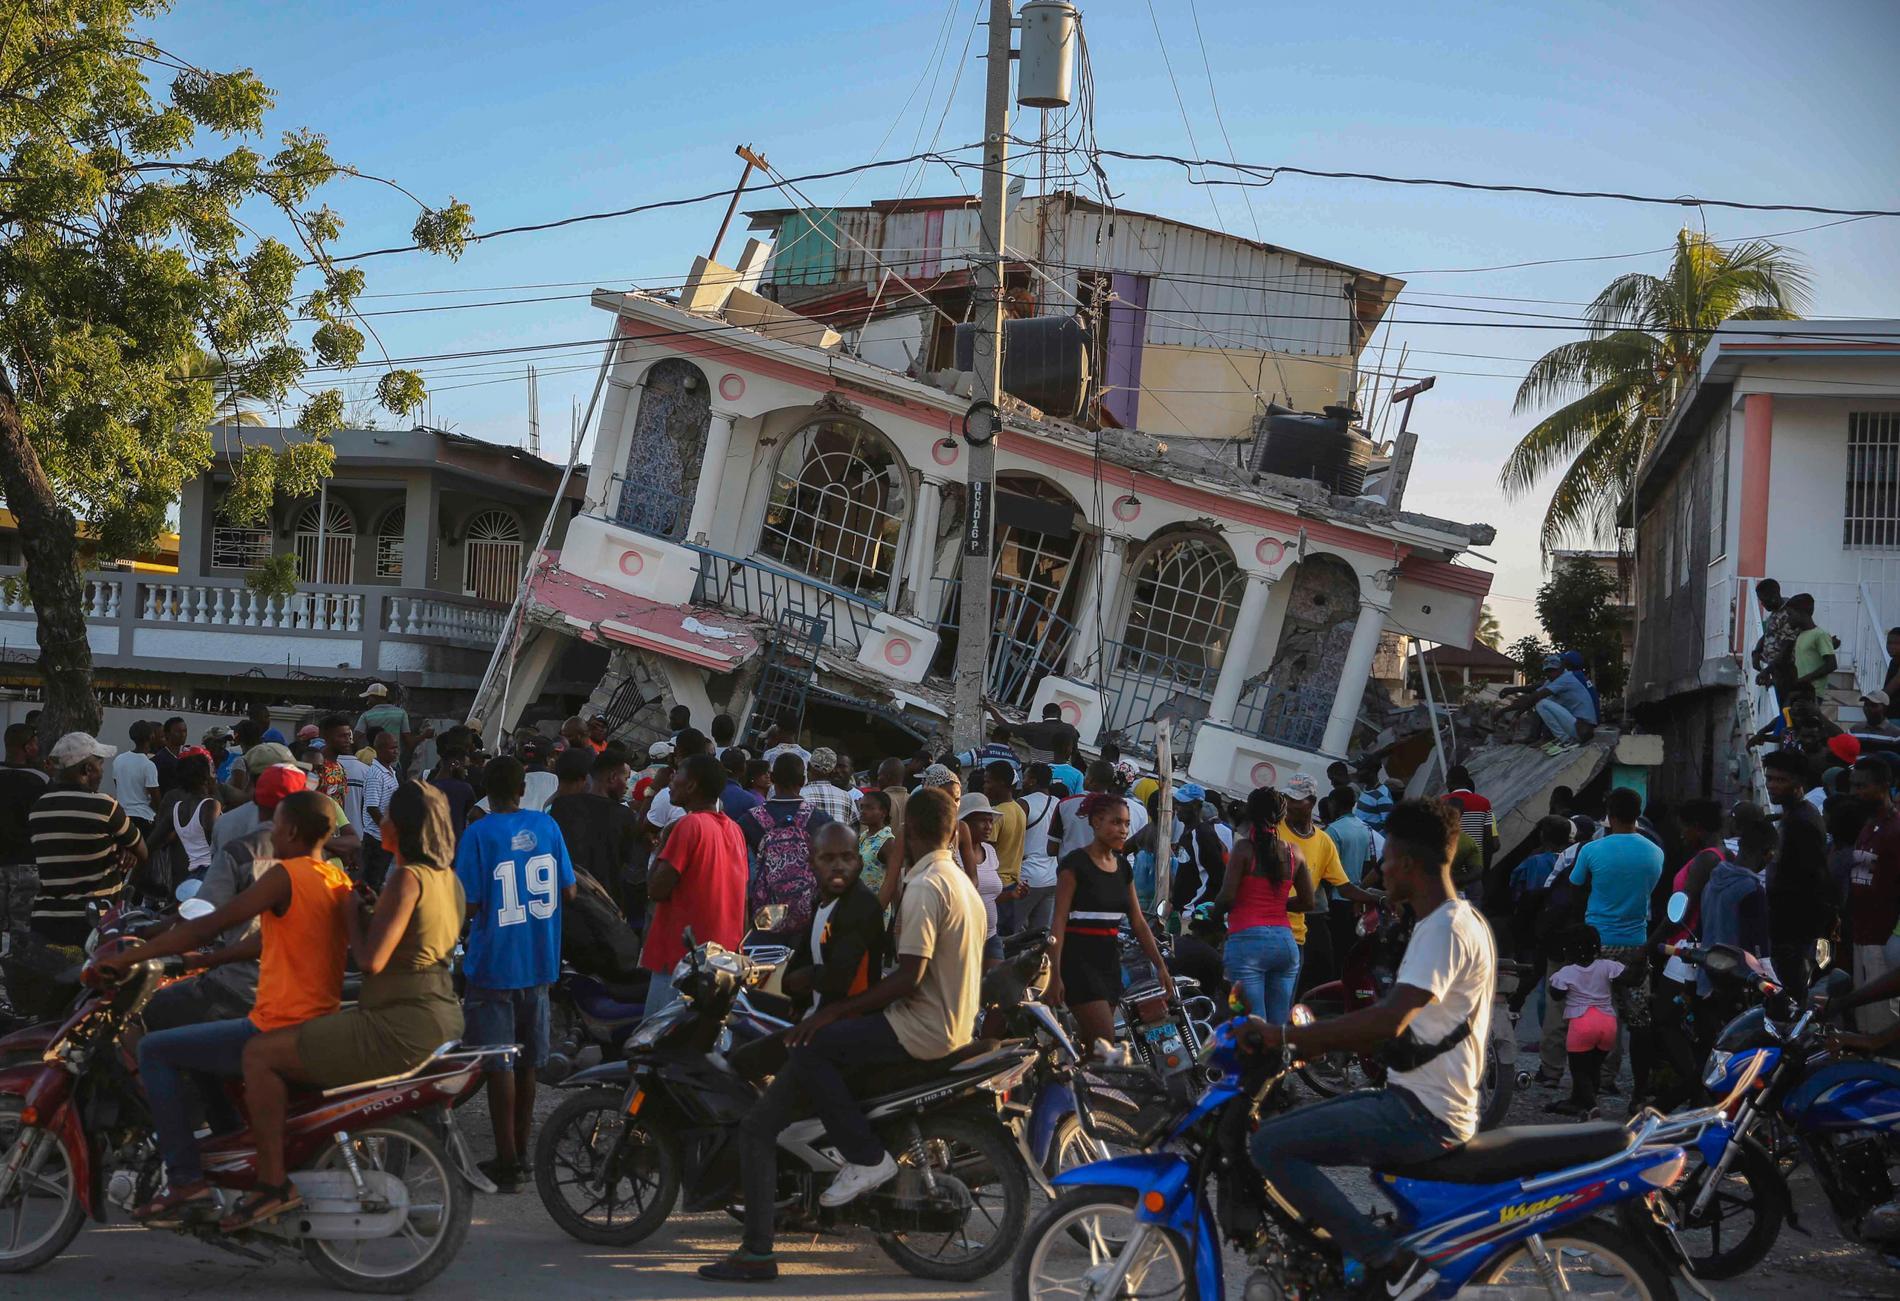 Hotel Petit Pas i Les Cayes på Haiti var en av många byggnader som förstördes i jordbävningen väster om huvudstaden Port-au-Prince.